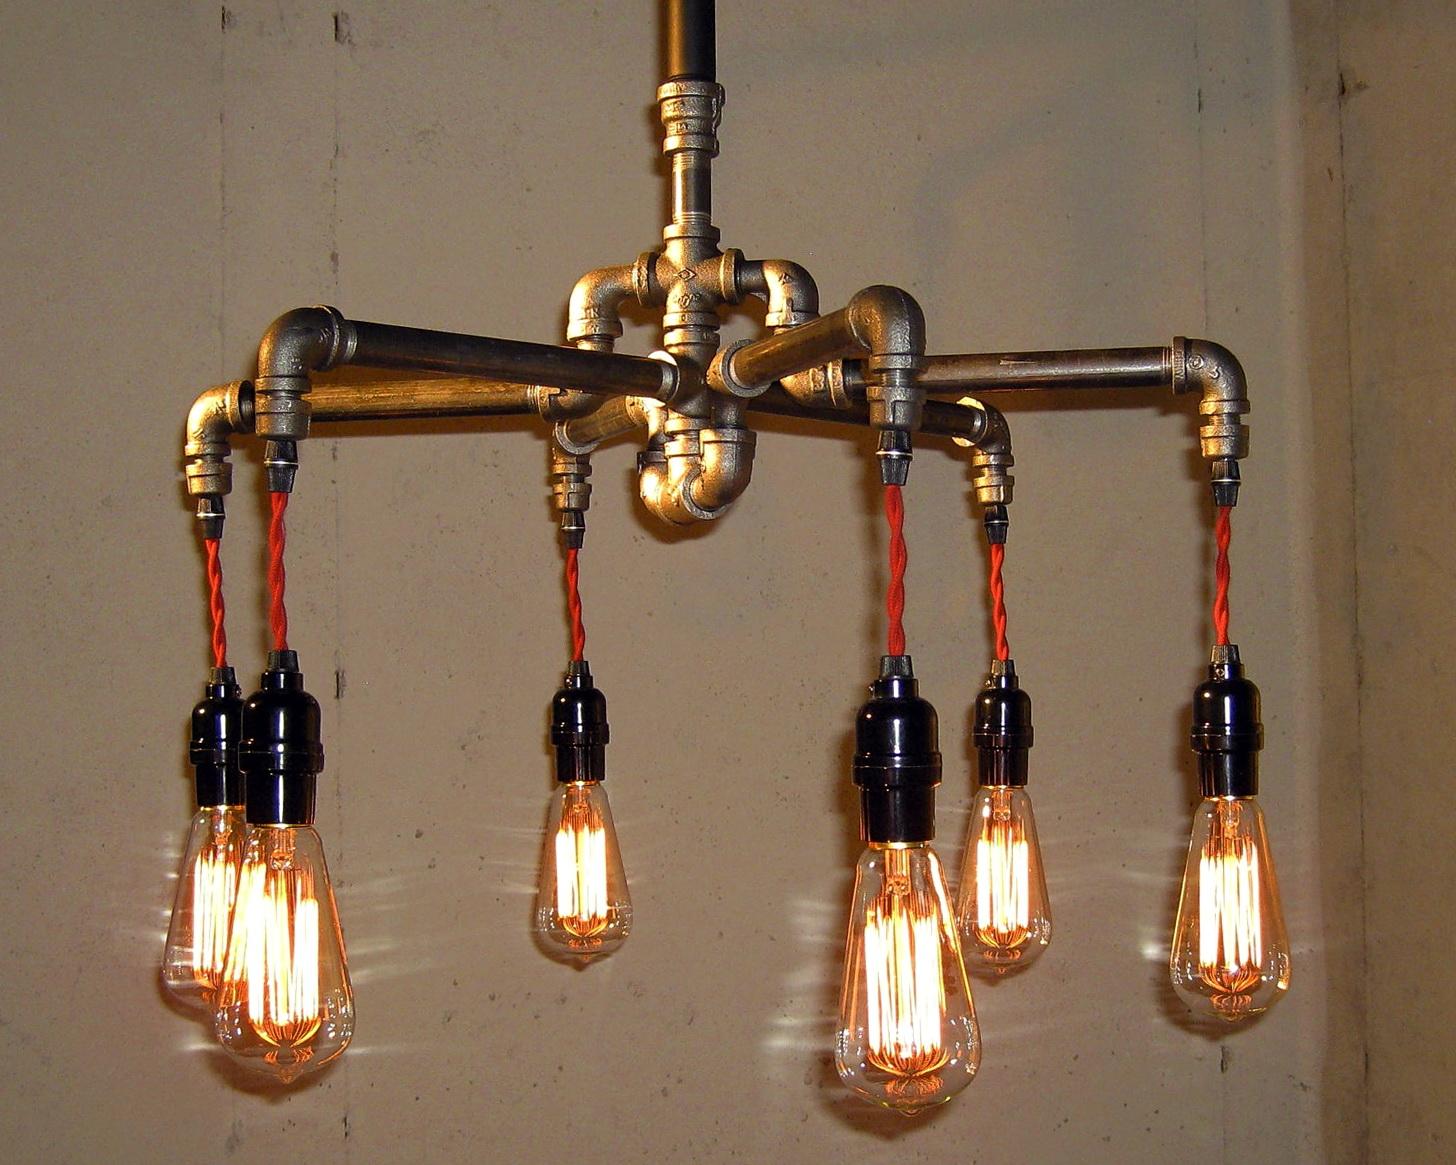 Chandelier Light Fixture Parts